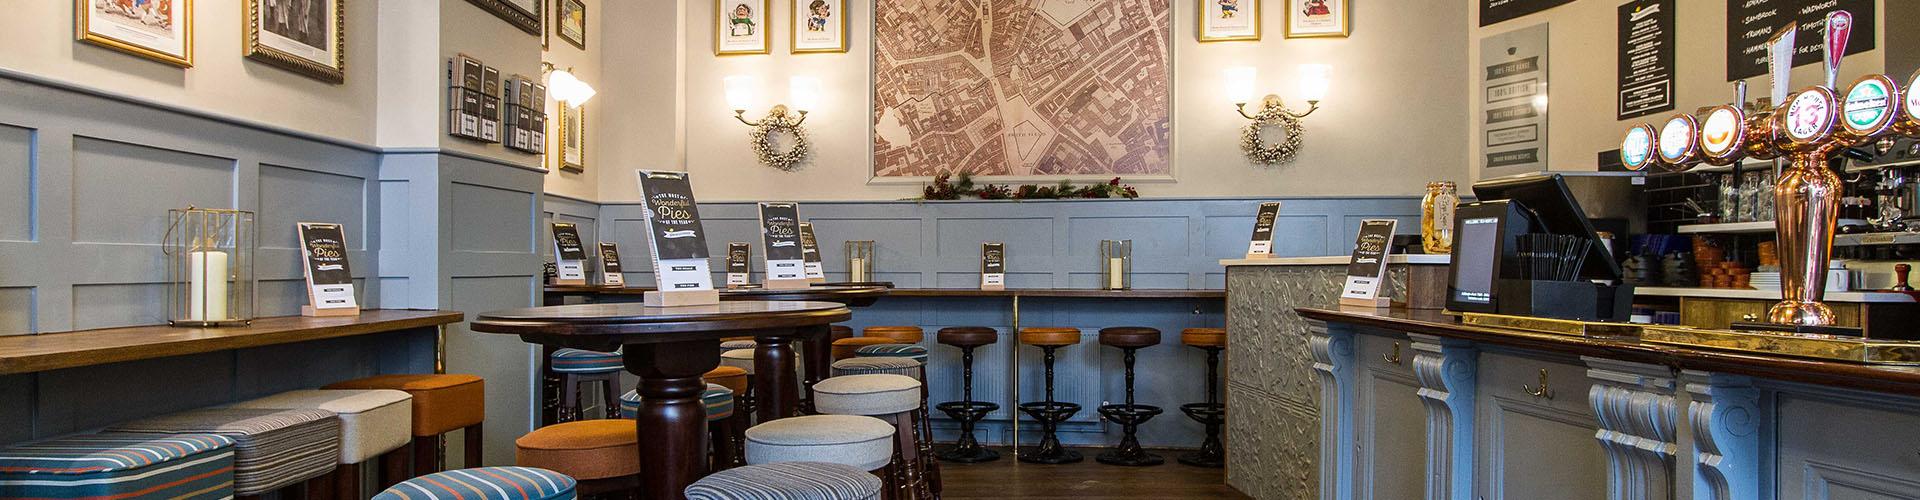 2020 - City Taverns - Hope London